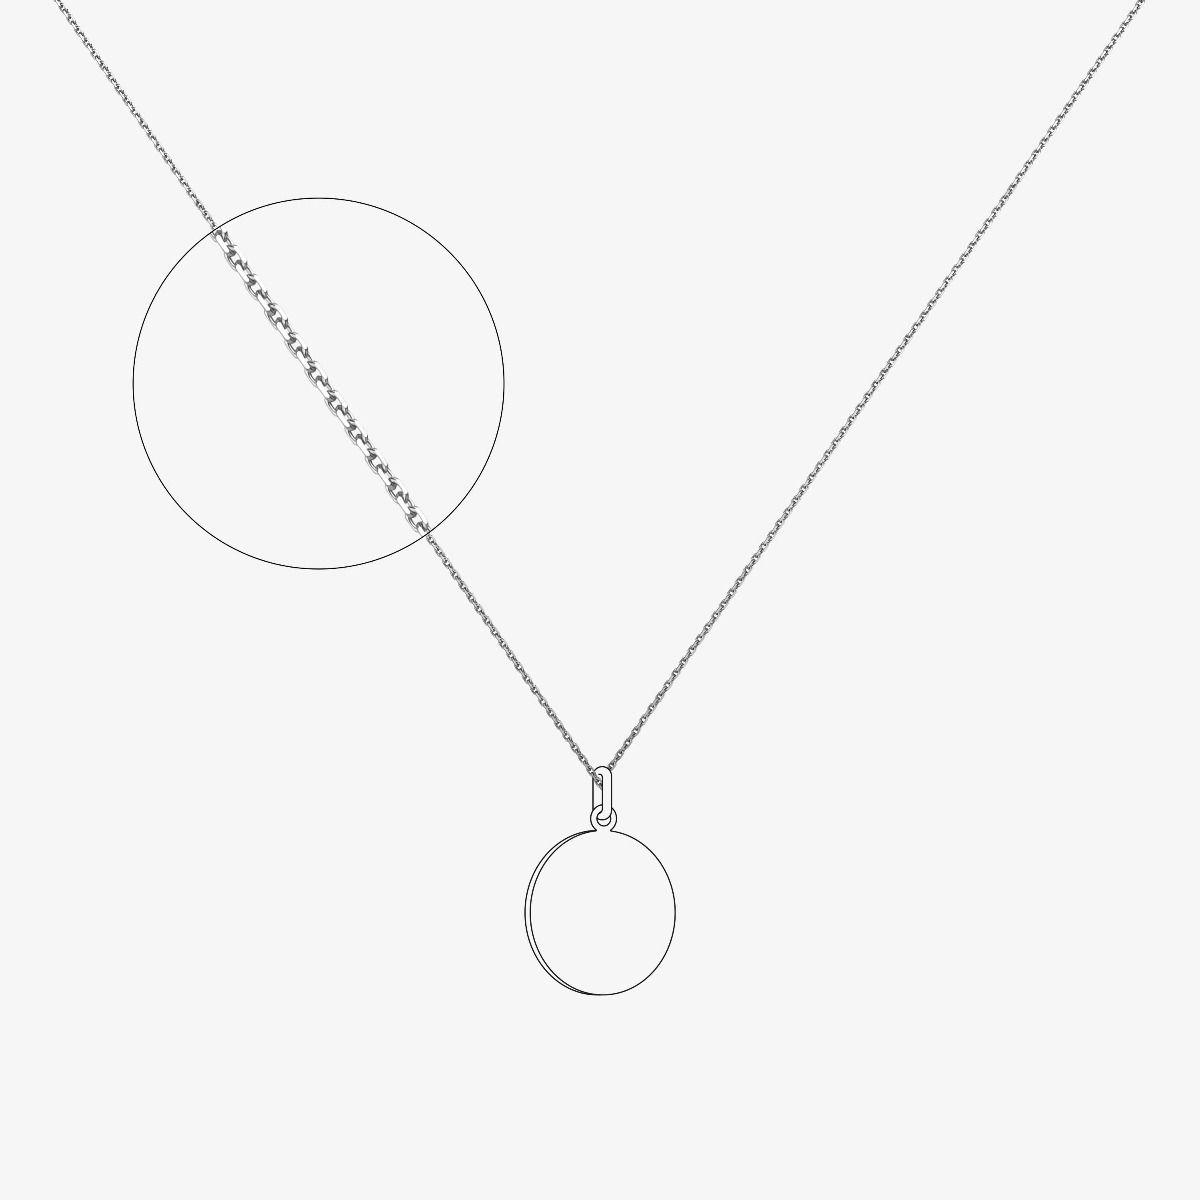 Chaîne maille forçat limée - épaisseur 1,2 mm - Or blanc 18 carats - 40 cm